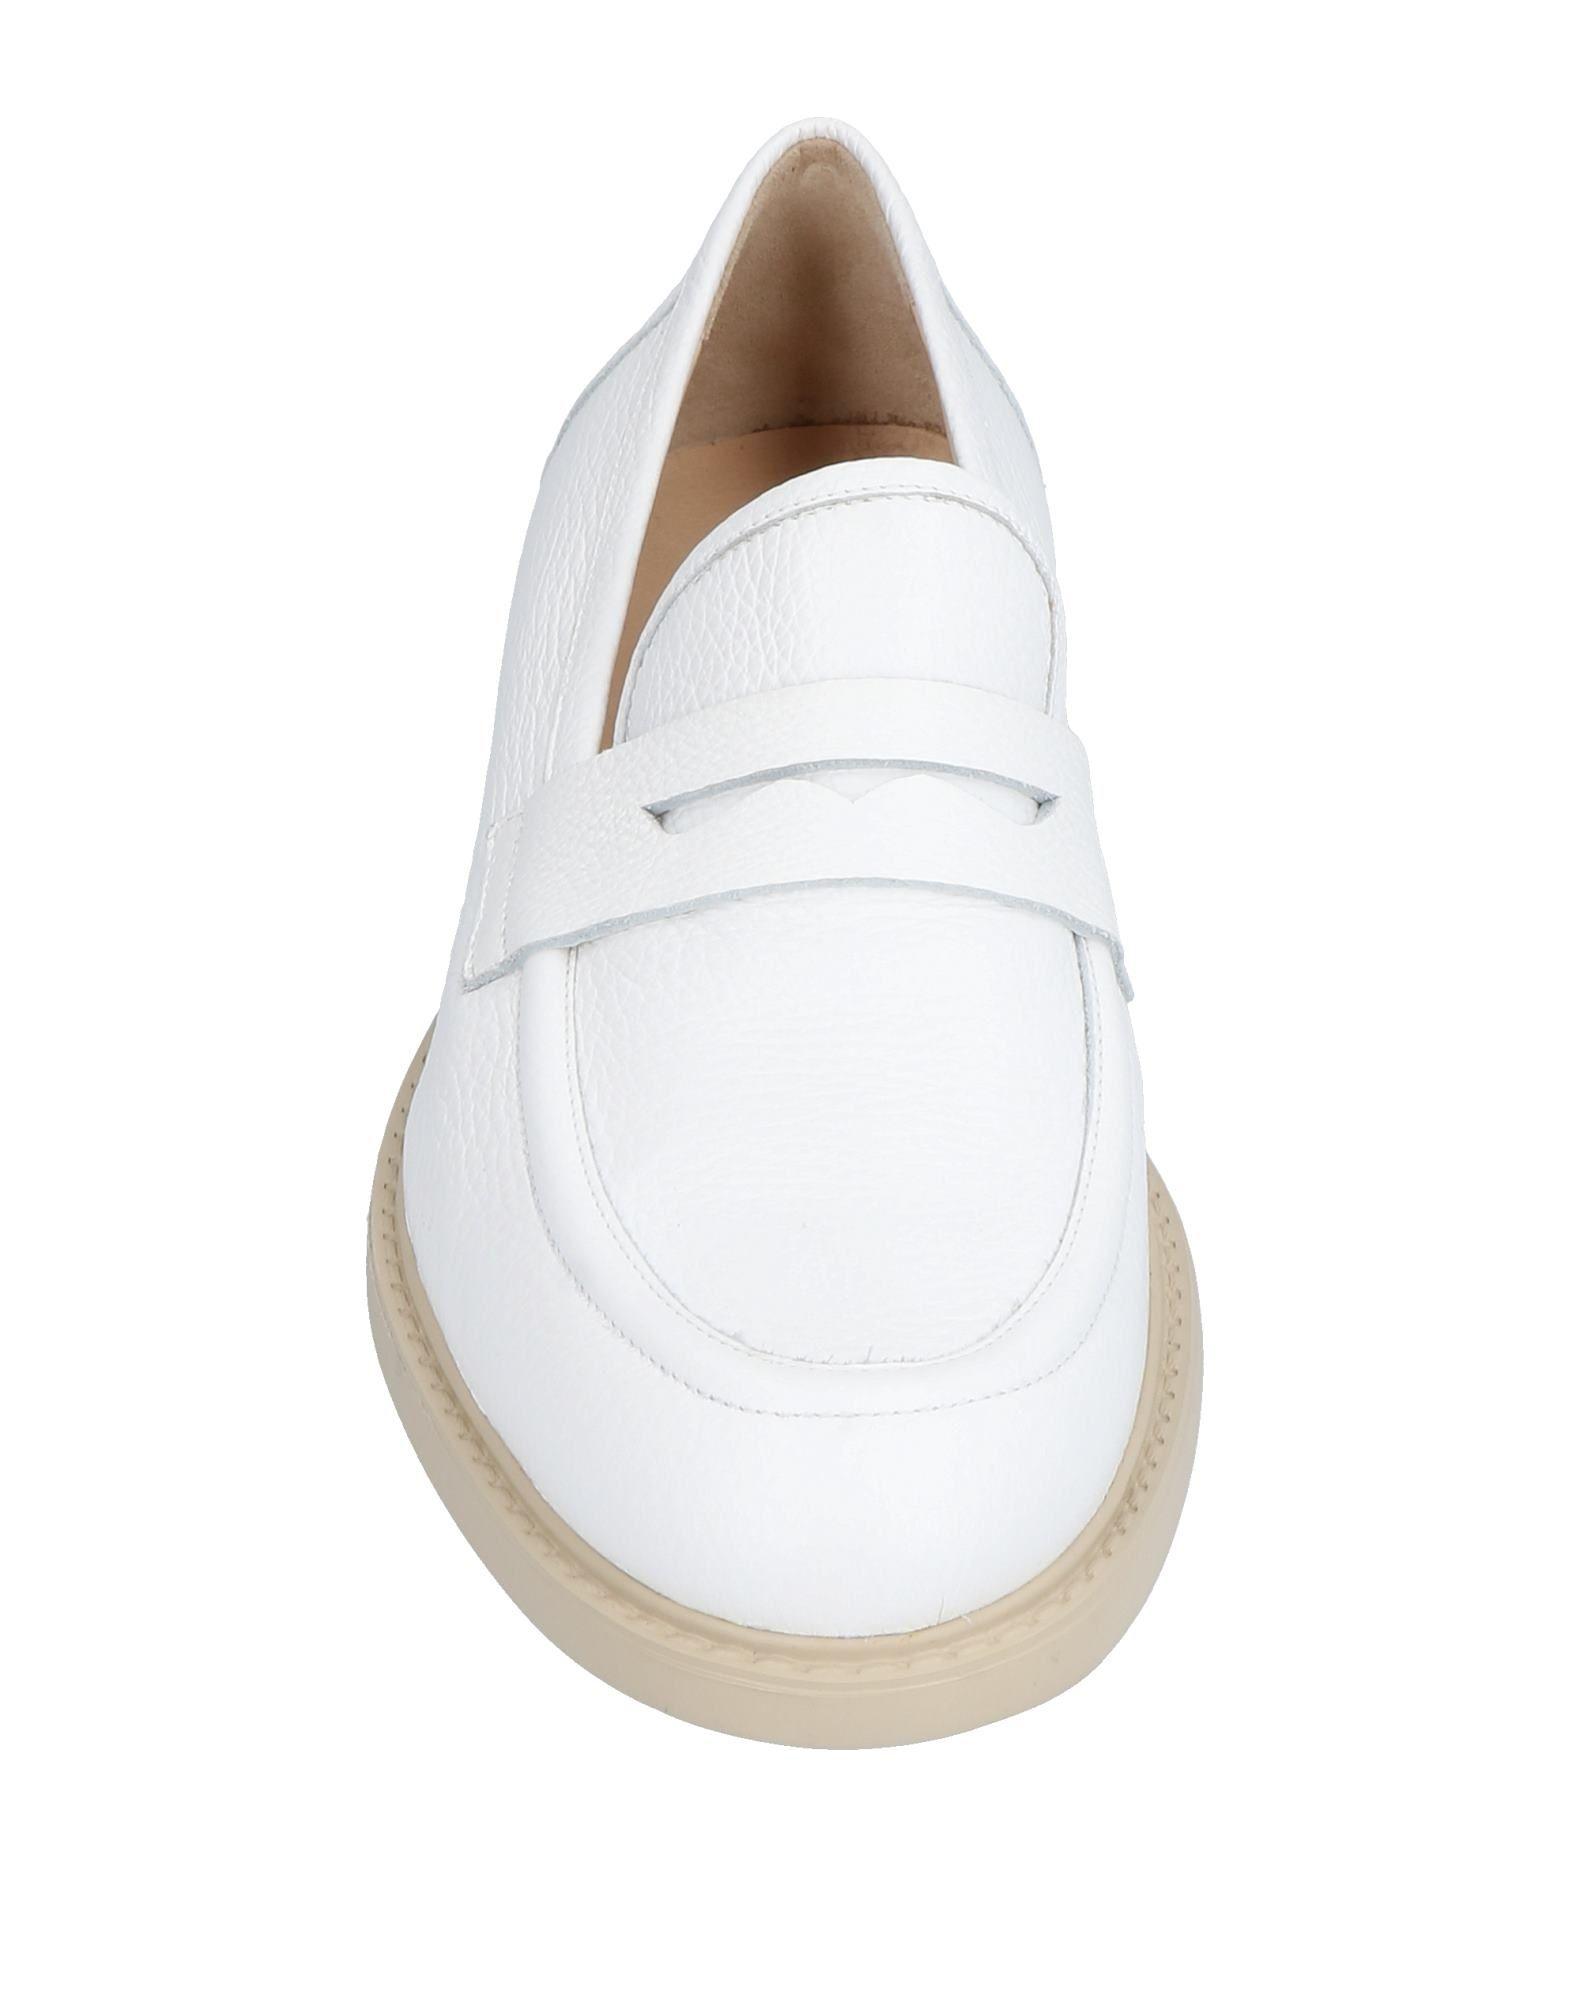 Loriblu  Mokassins Herren  Loriblu 11522427SM Heiße Schuhe 811957